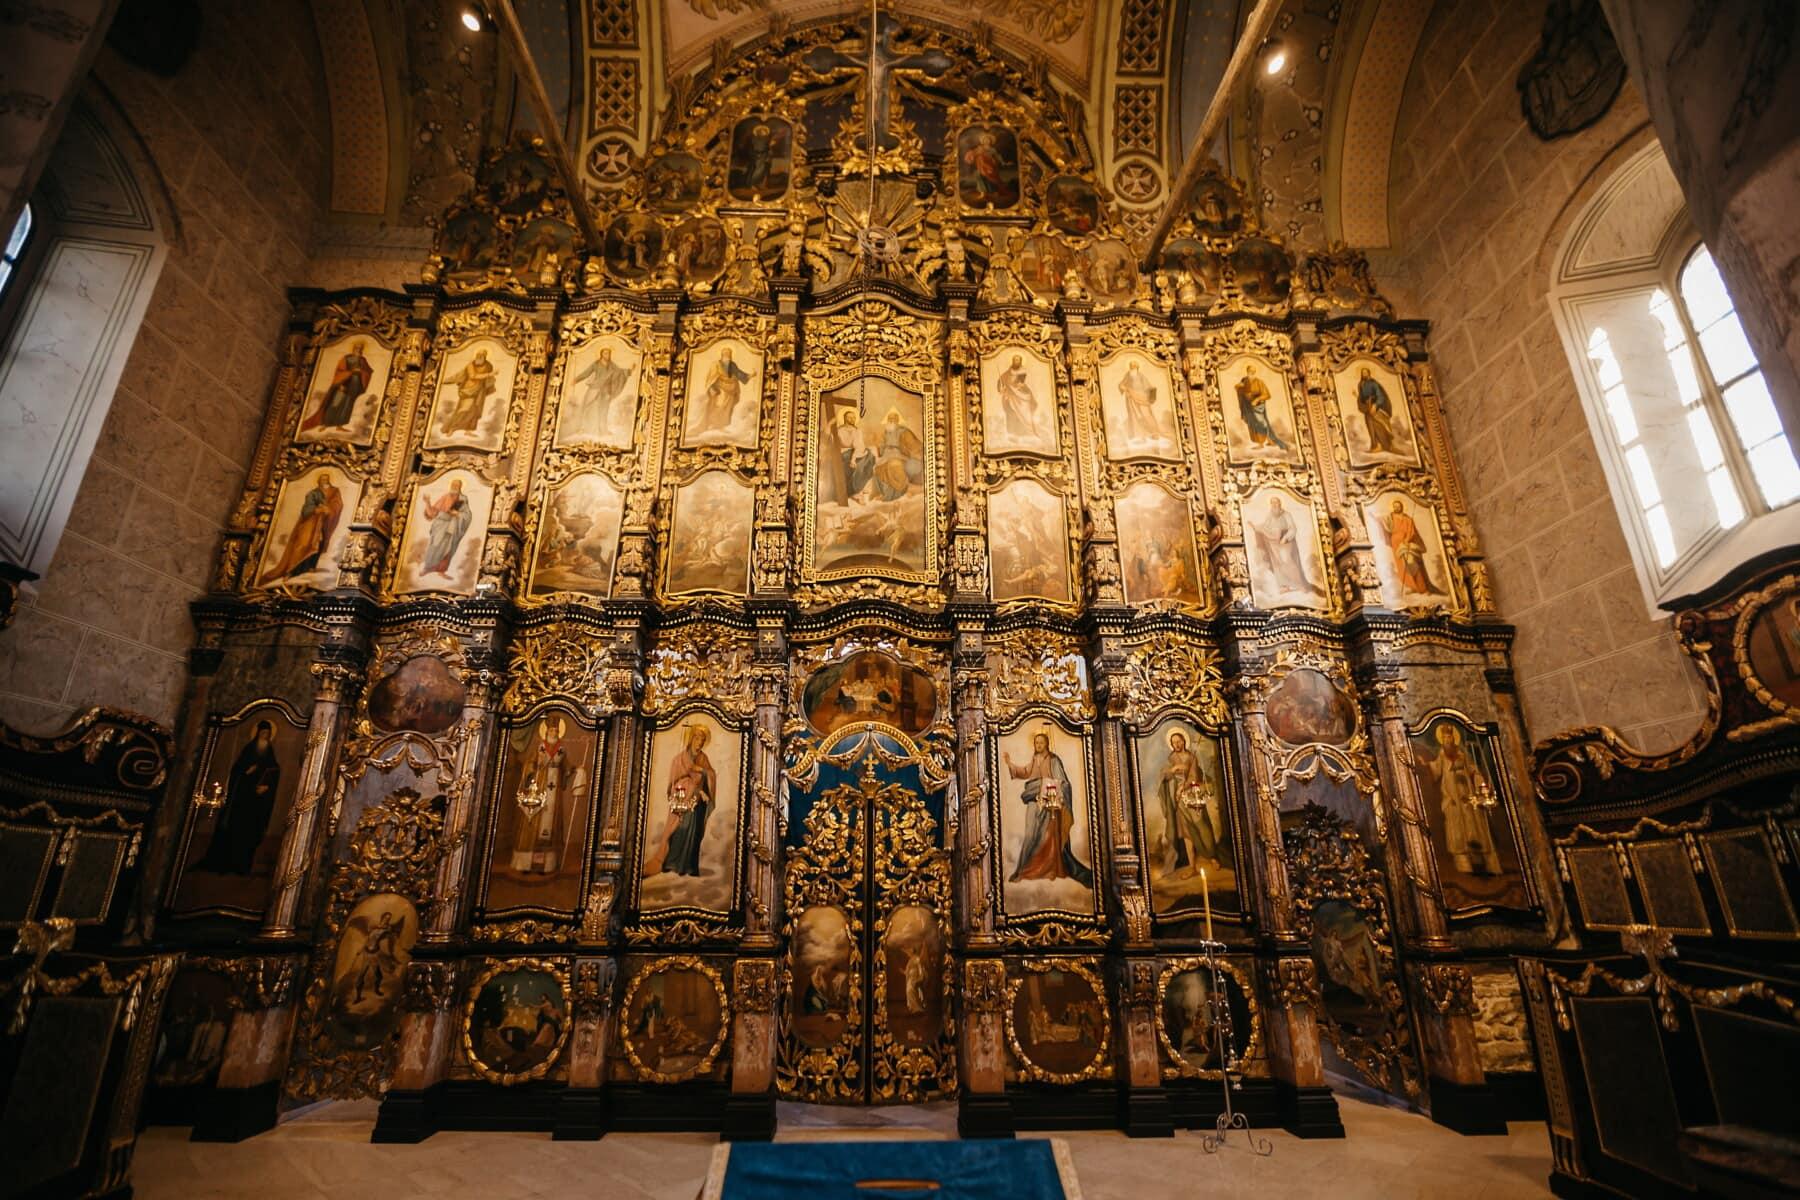 zlatni sjaj, oltar, Vizantija, pravoslavlje, crkva, ruski, Ukrajina, religija, arhitektura, struktura